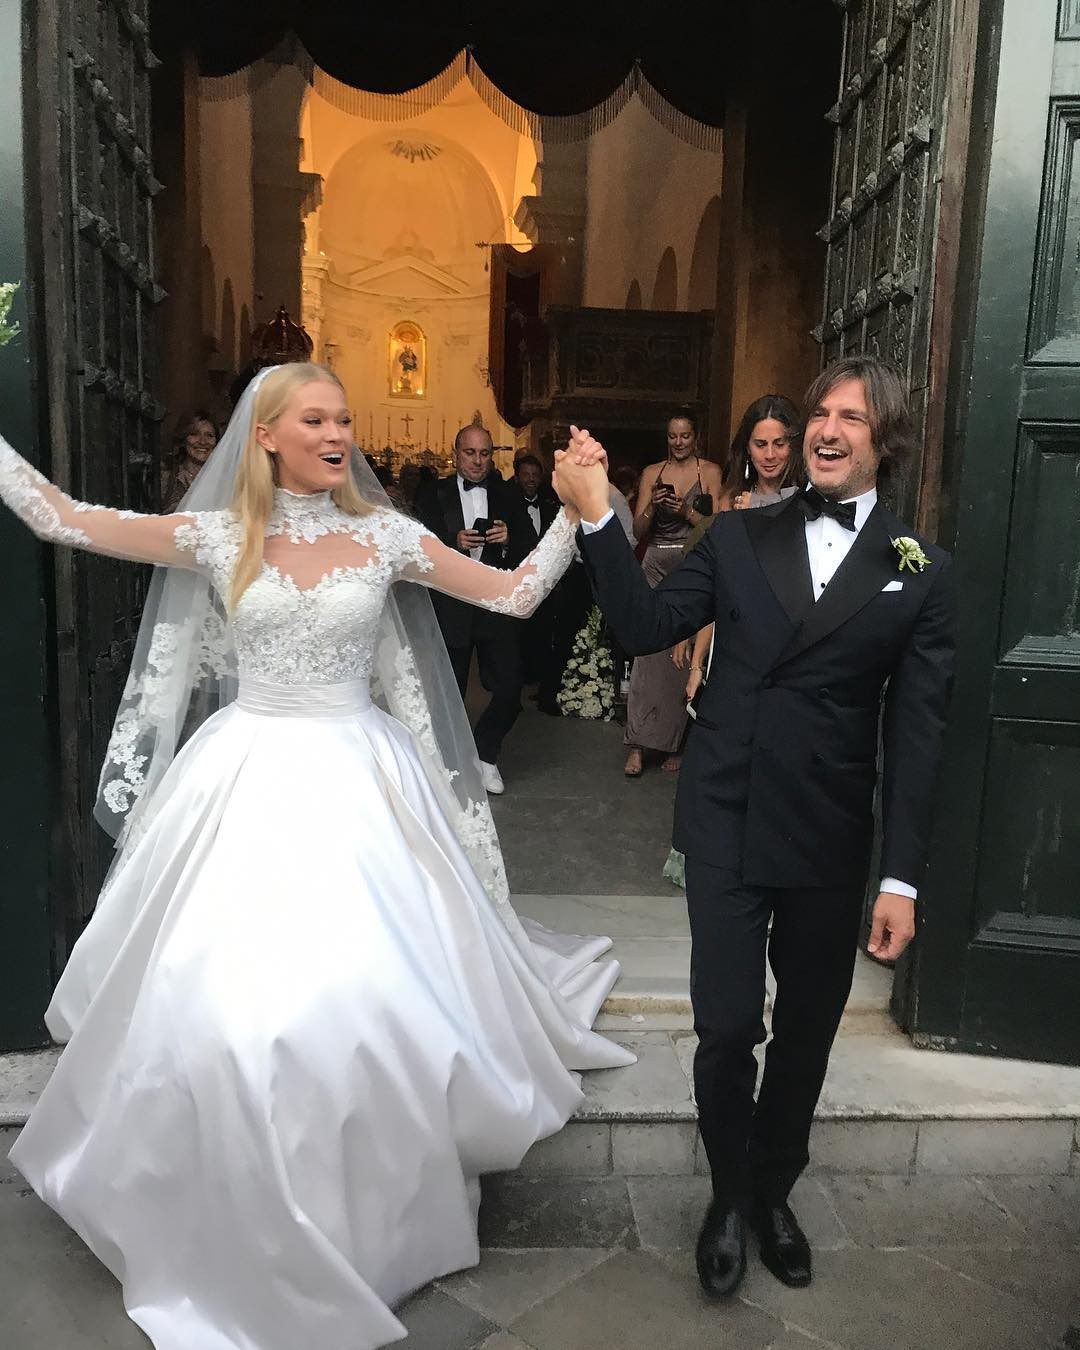 Casamento de Vita Sidorkina-Morabito (Foto: Instagram/Reprodução)